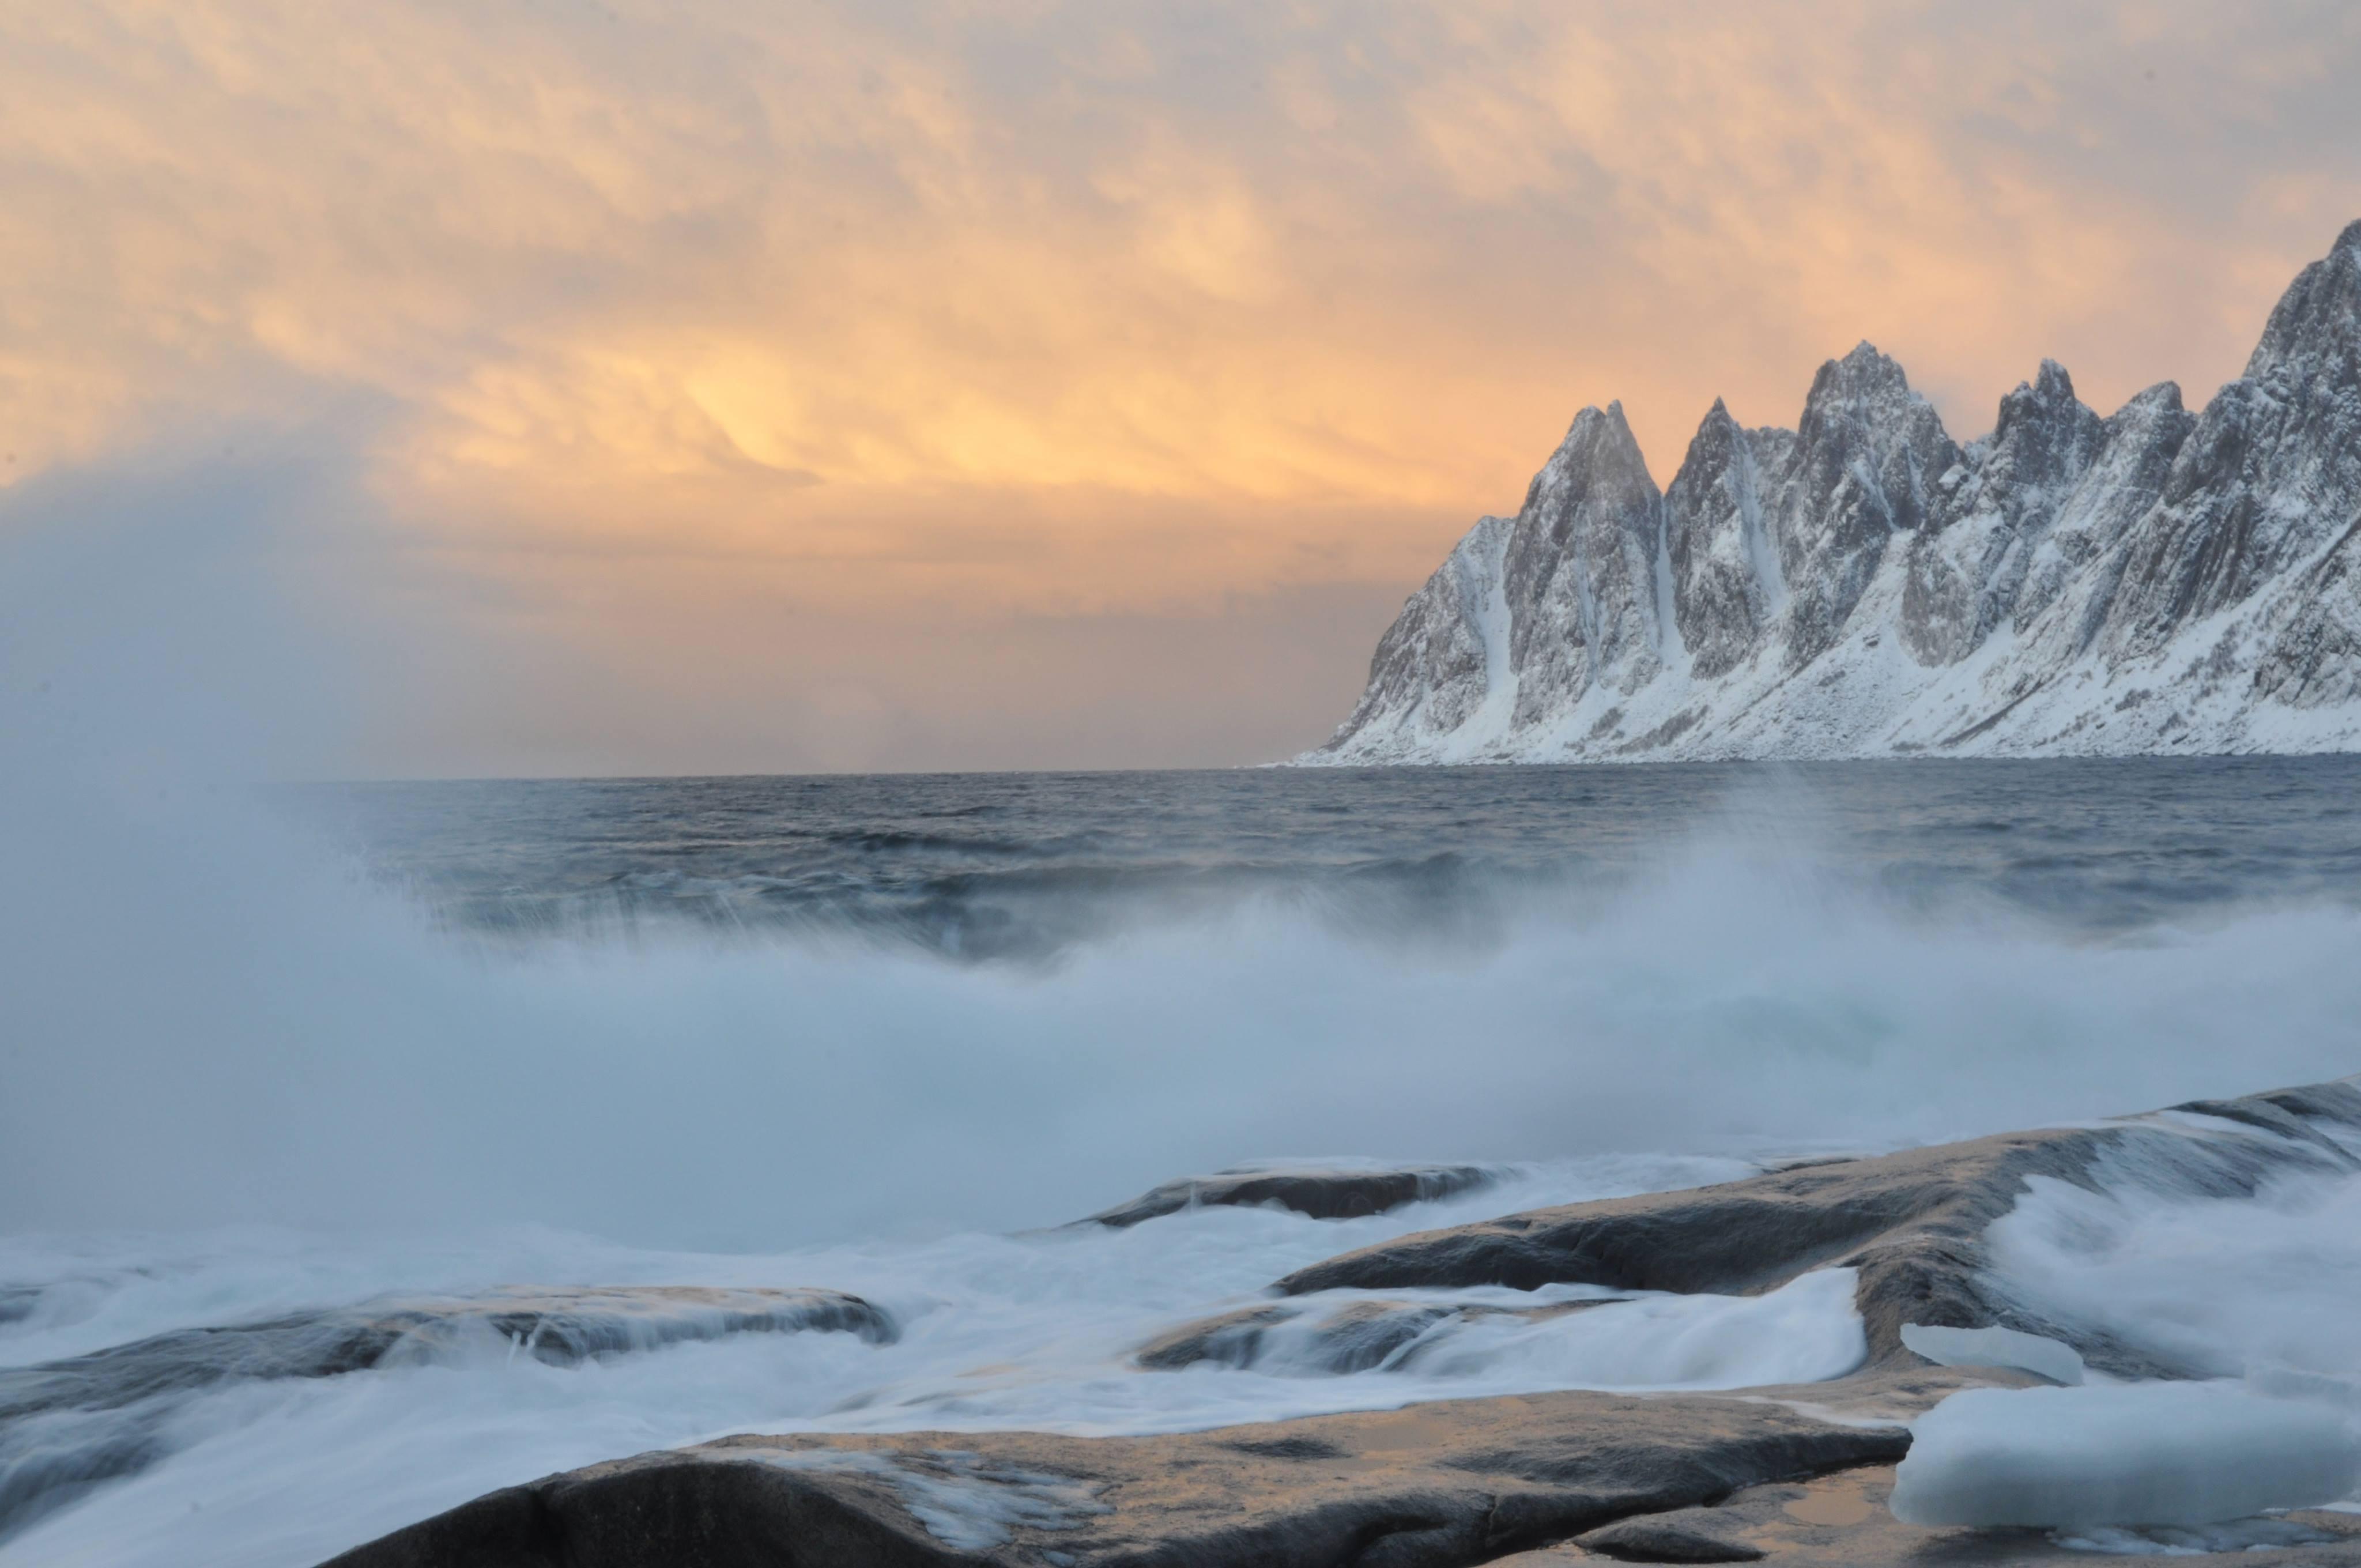 Les Dents Du Diable Au Coucher De Soleil Coucher De Soleil Ile De Senja Narvik Tromso Et Environs Norvege Routard Com